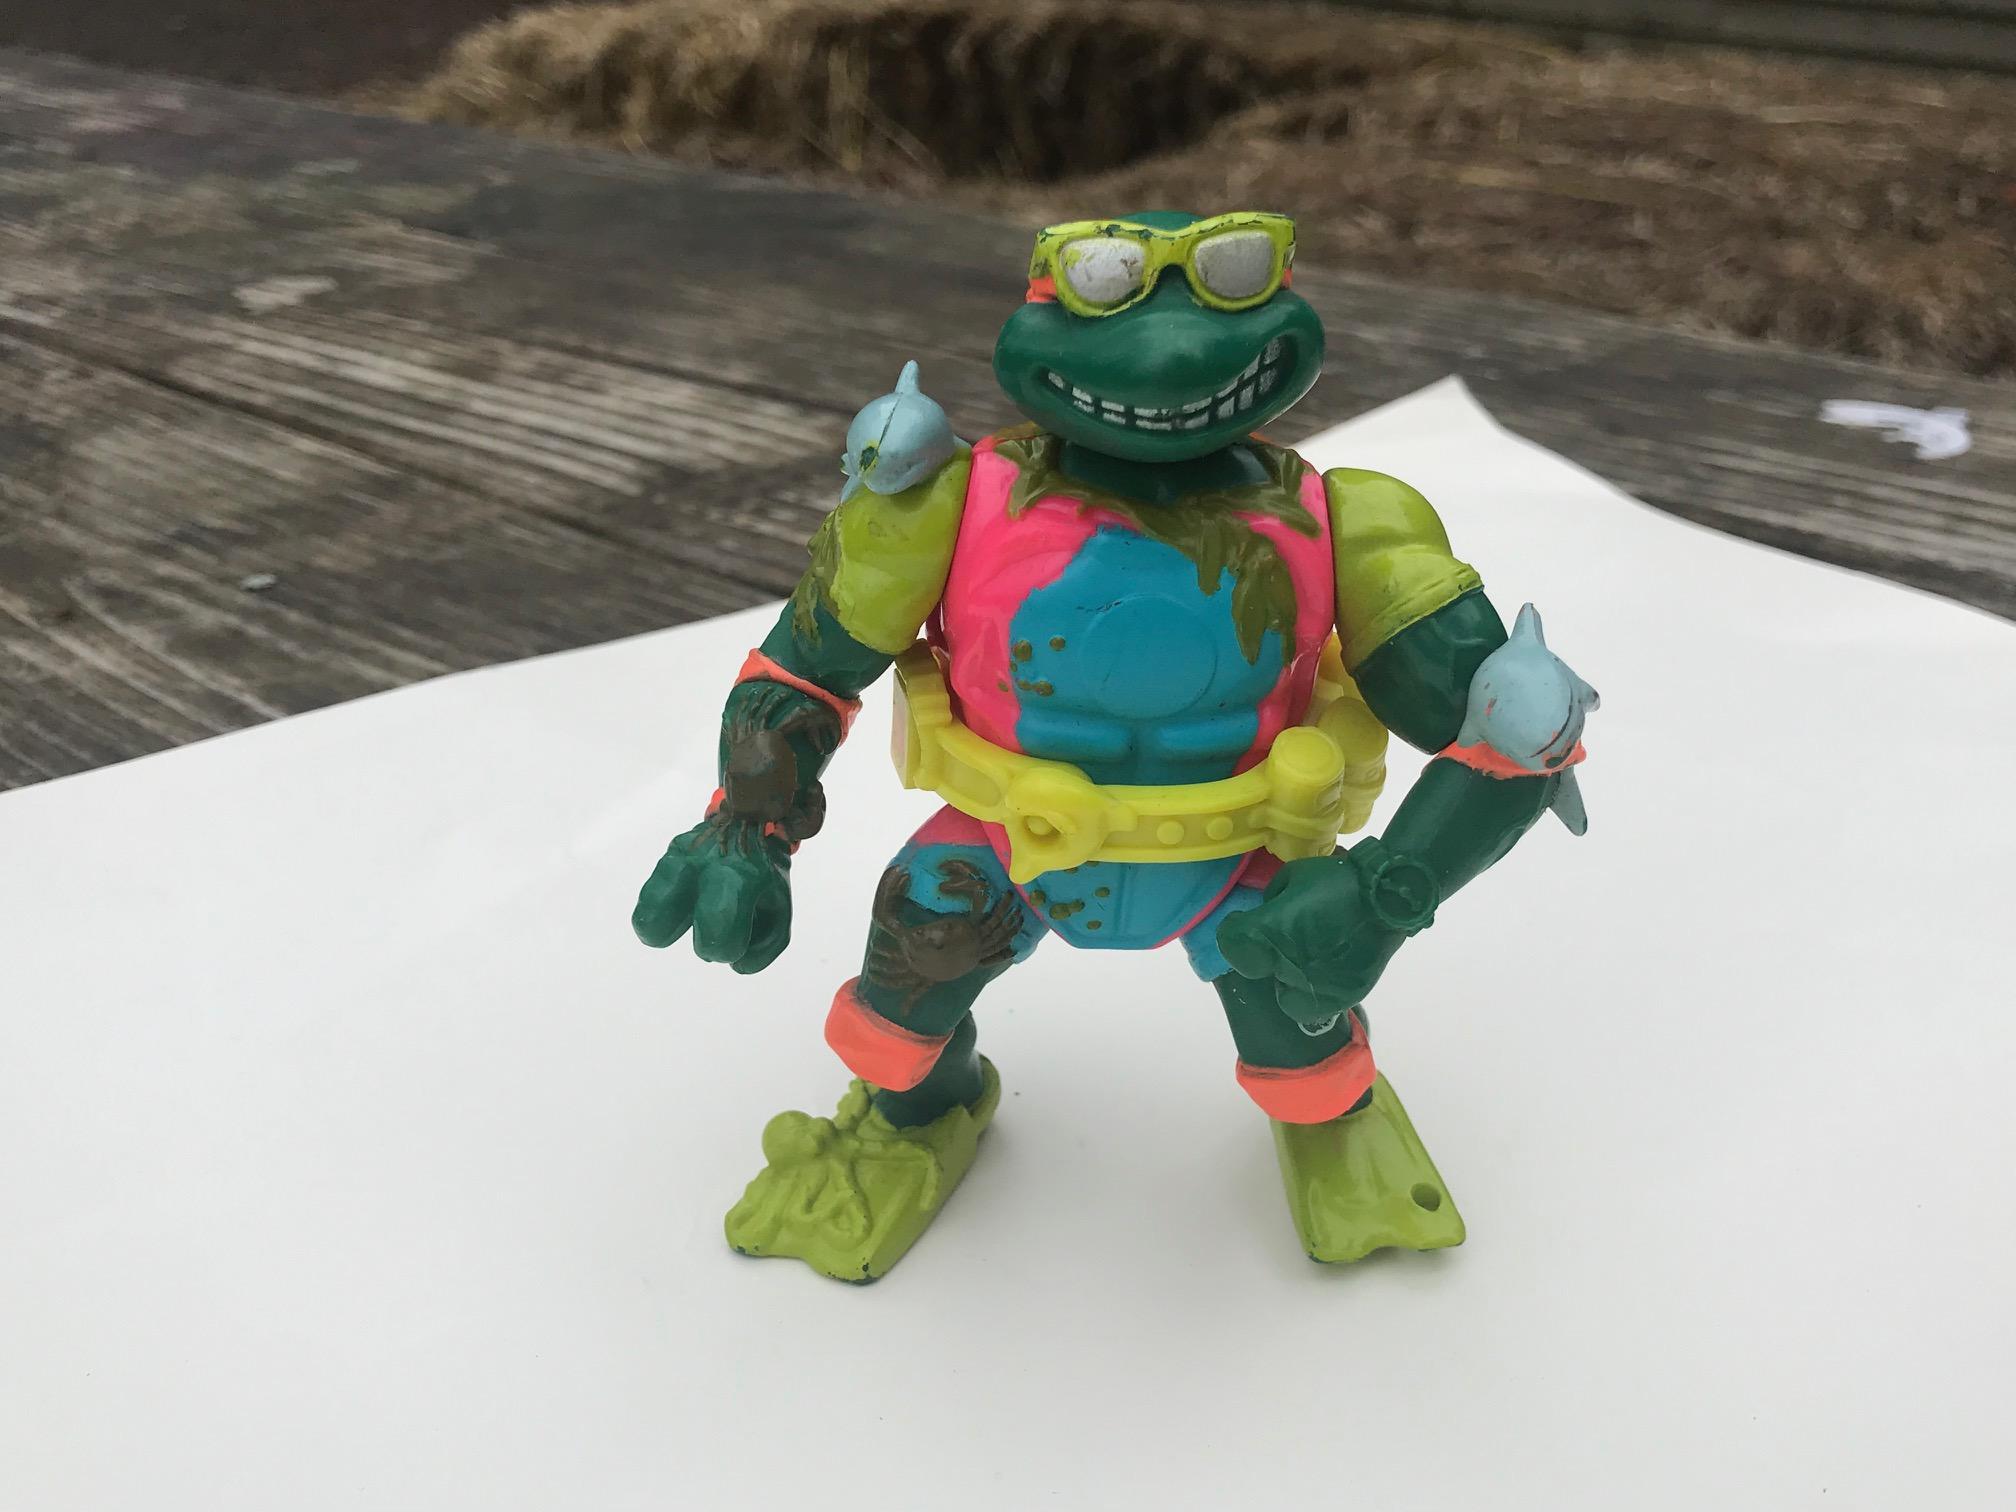 1990 Mirage Studios Playmates Toys Teenage Mutant Ninja Turtle Figurine: Lead Free, Cadmium Free, Arsenic Free!